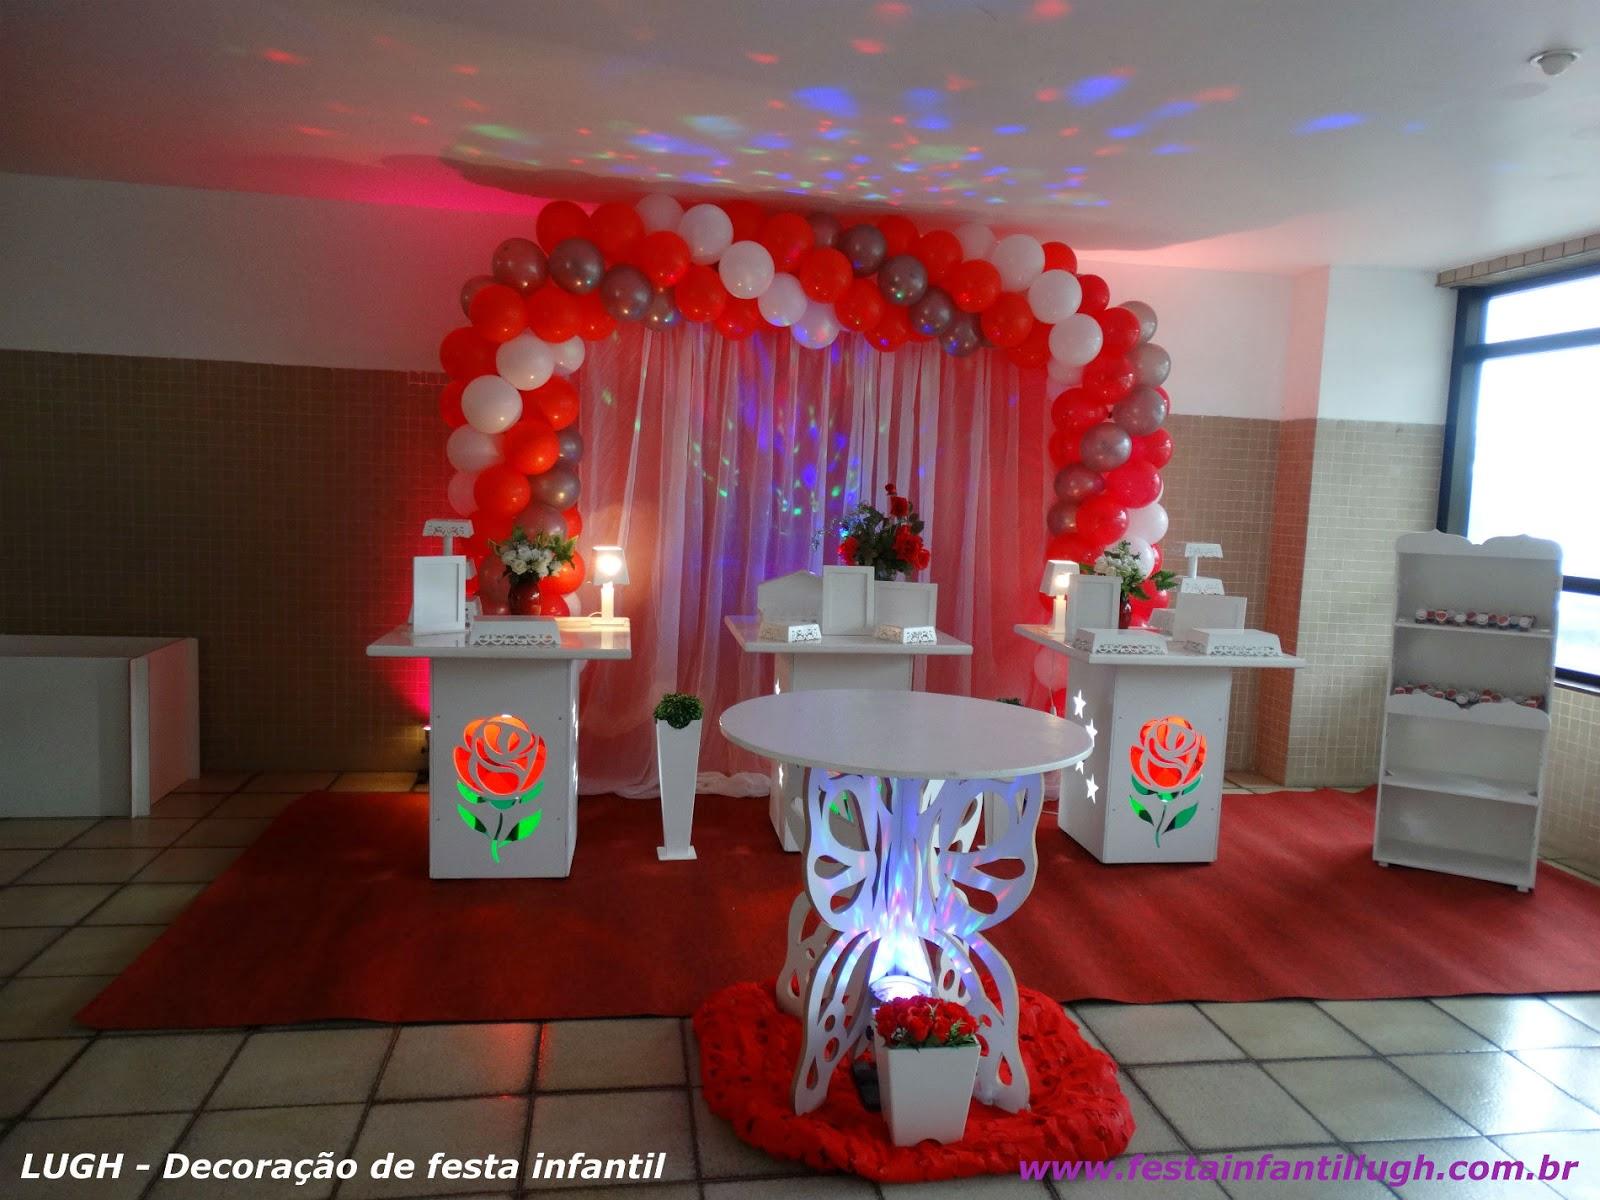 Decoração provençal simples com mesas de painéis de rosas para festa de aniniversário infantil de meninas